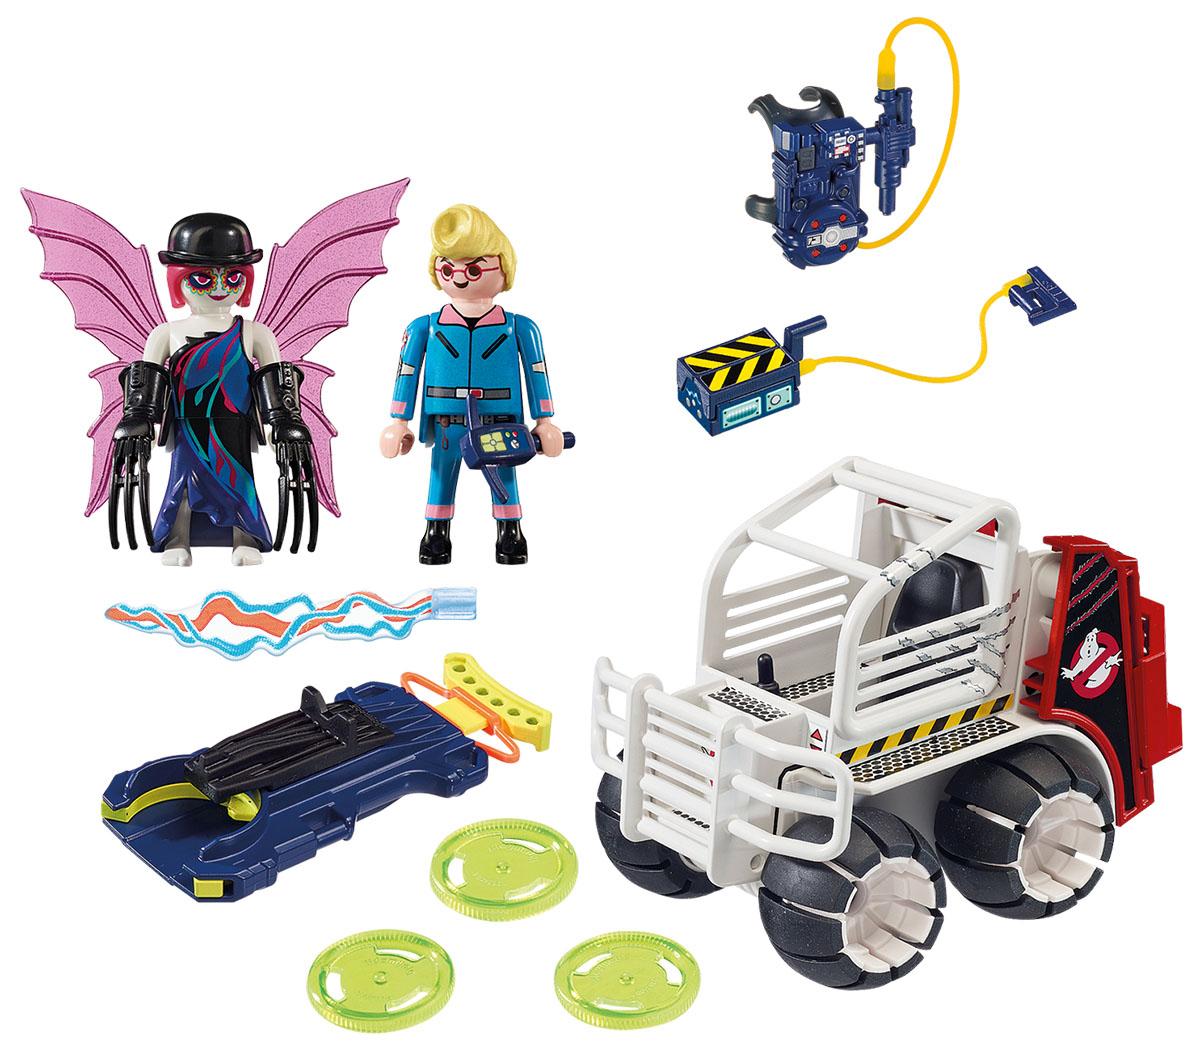 Playmobil Игровой набор Охотники за привидениями Спенглер с клеткой-автомобилем